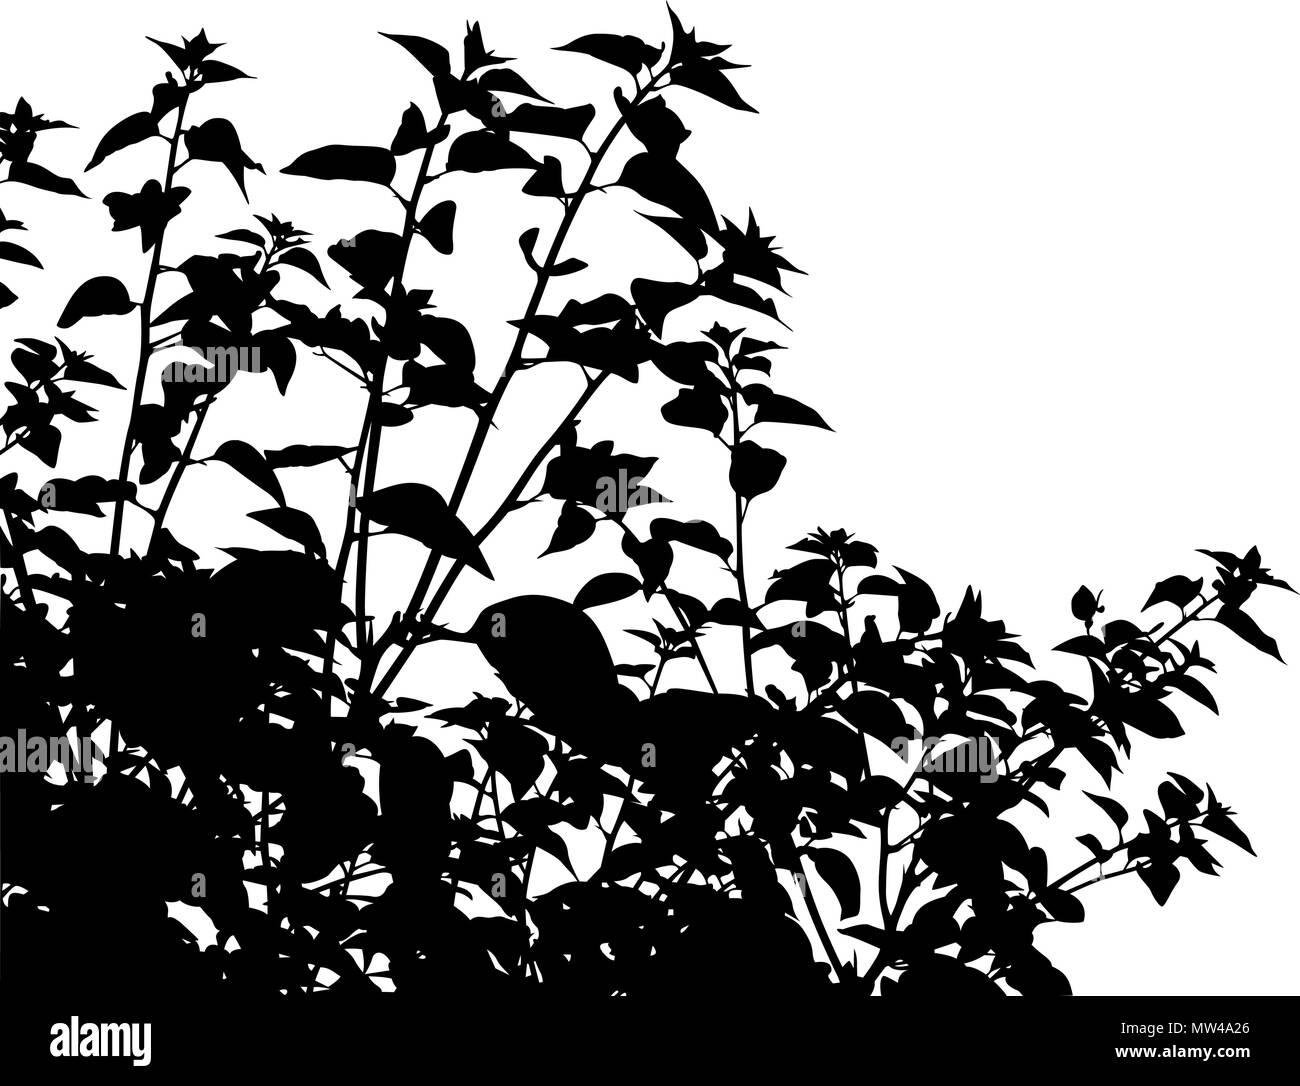 Silhouette vecteur modifiable de la végétation générique Photo Stock